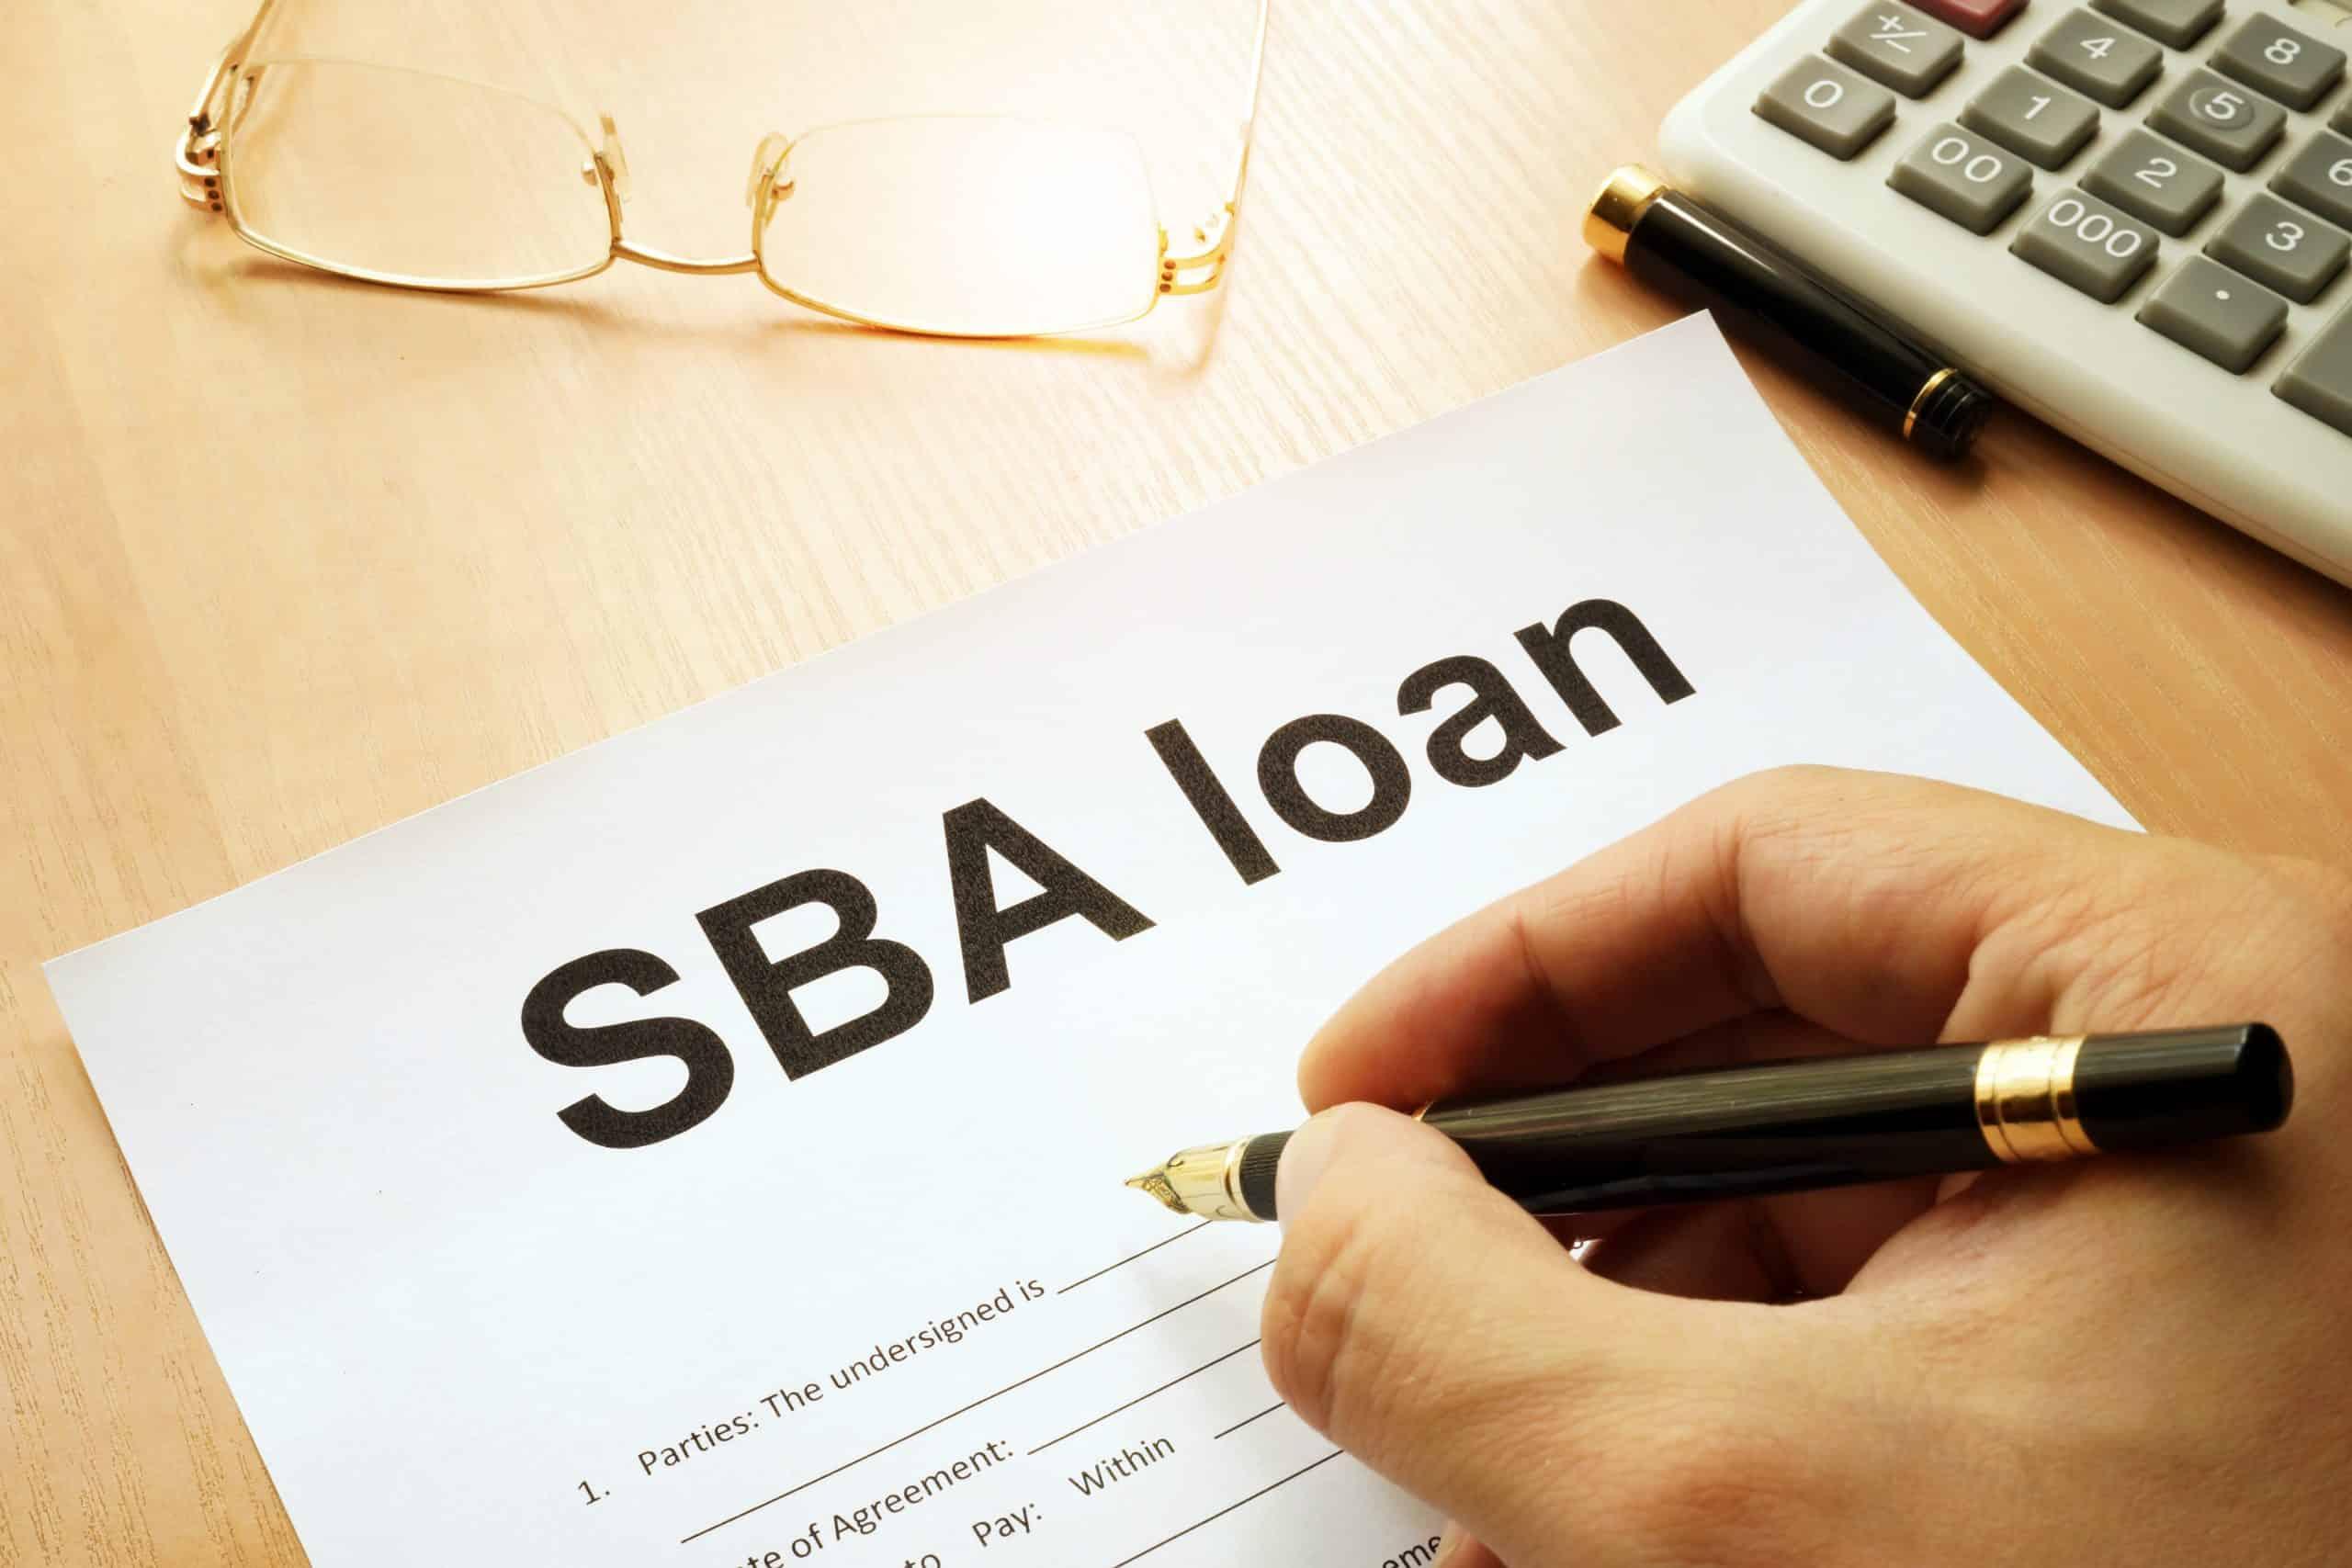 sba loan - photo #26